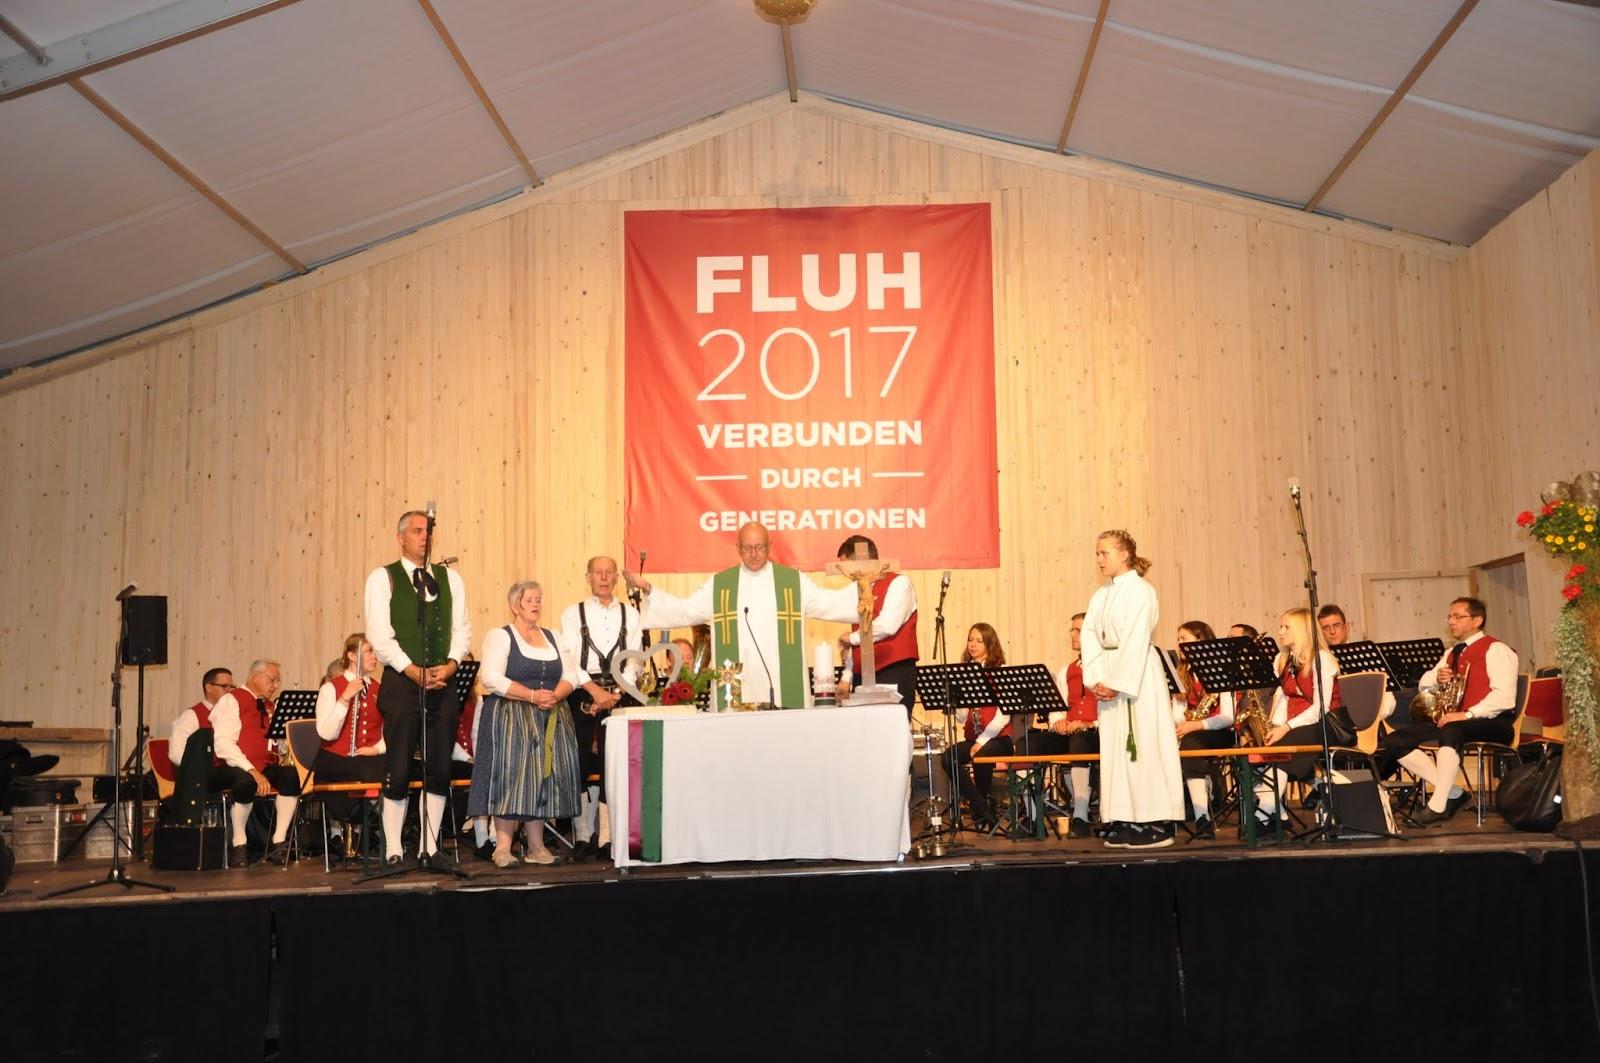 Fluh 2017 - Sonntag der 25.06.2017 - Messfeier